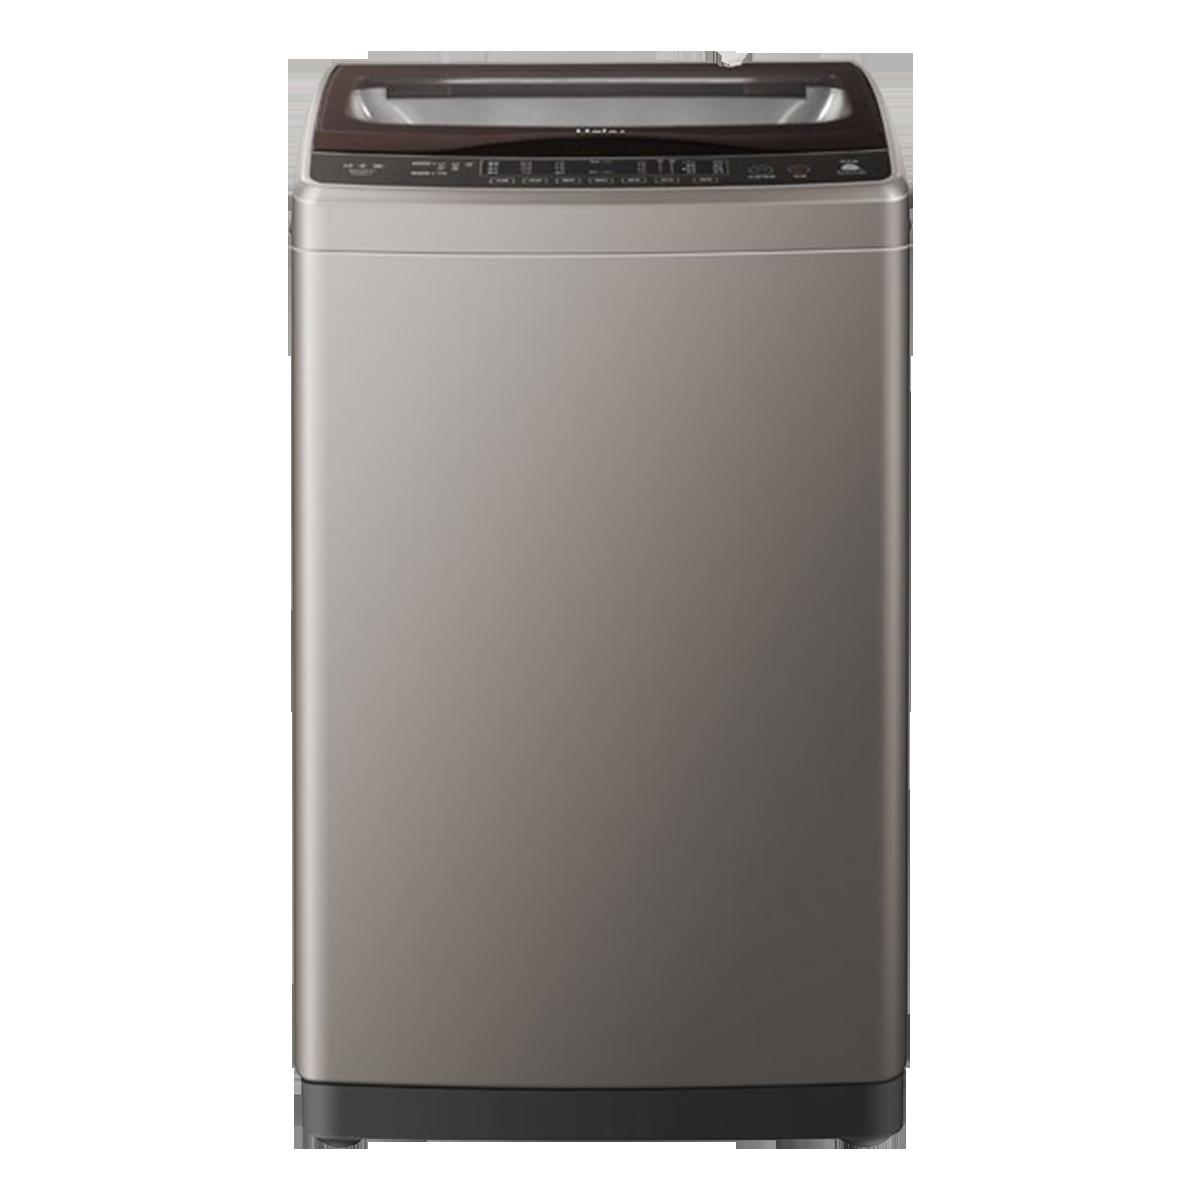 海尔Haier洗衣机 B7016F61 说明书